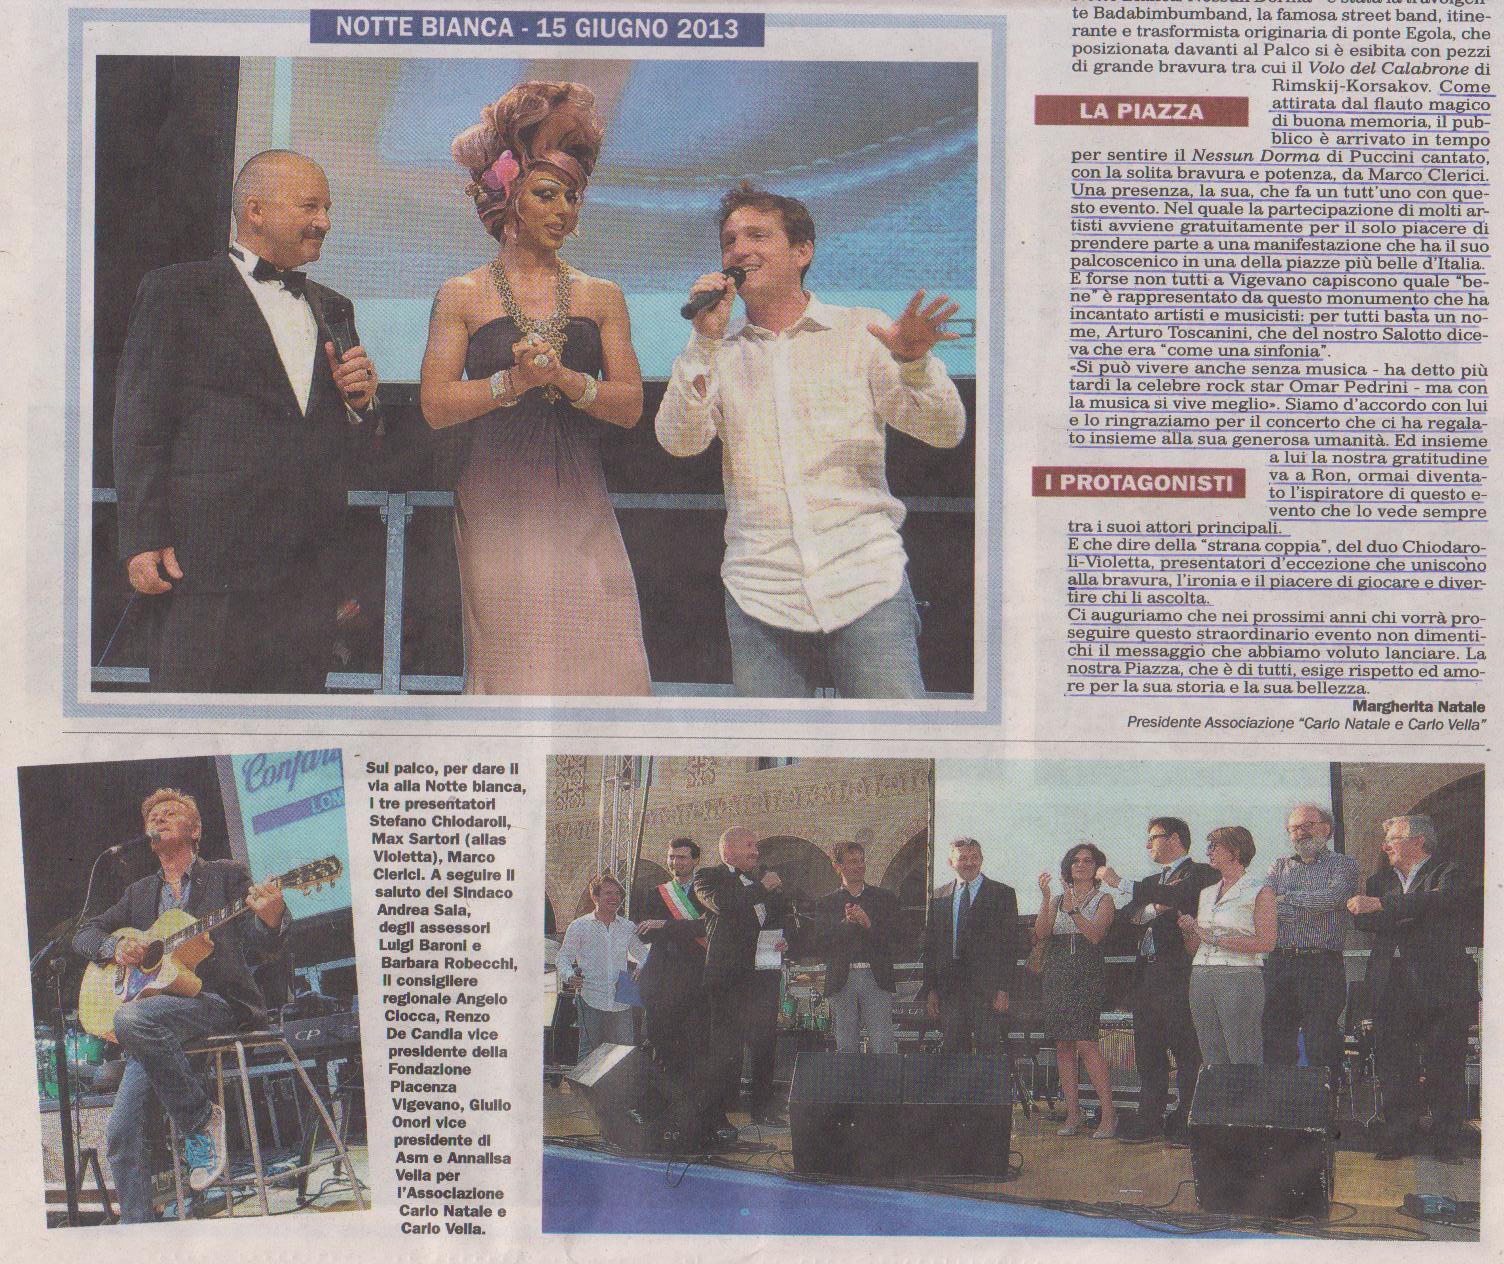 Marco Clerici con RON, Stefano Chiodaroli, la Violetta ed i politici